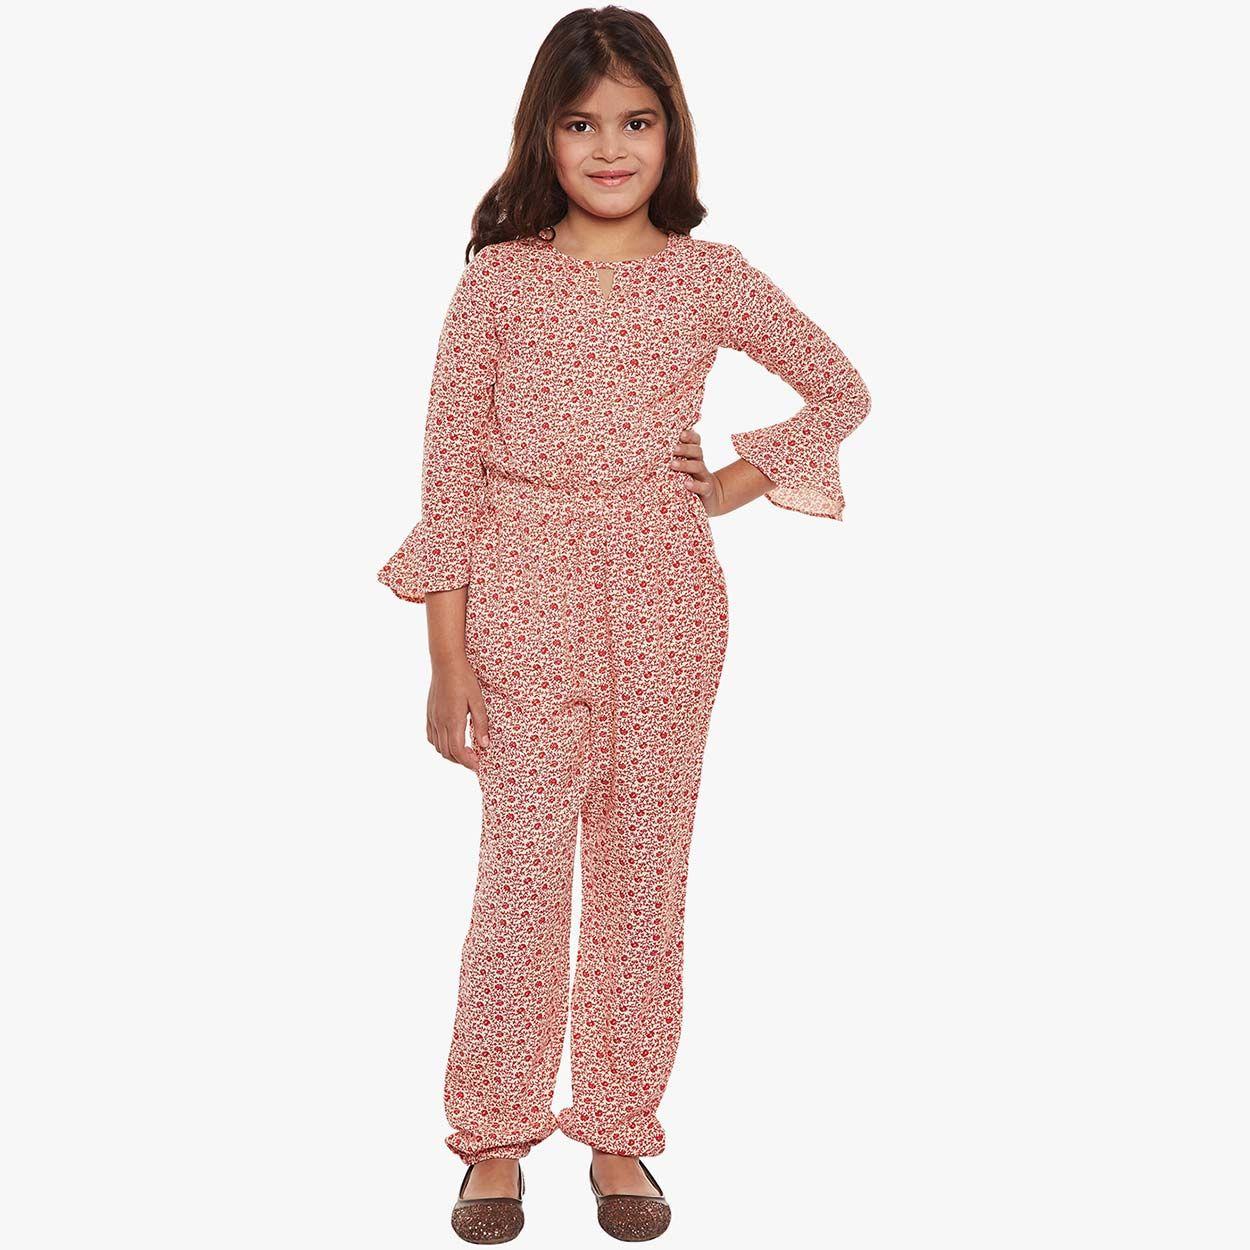 0a04e9e2b9 Buy Oxolloxo Girl Floral Ruffle Playsuit